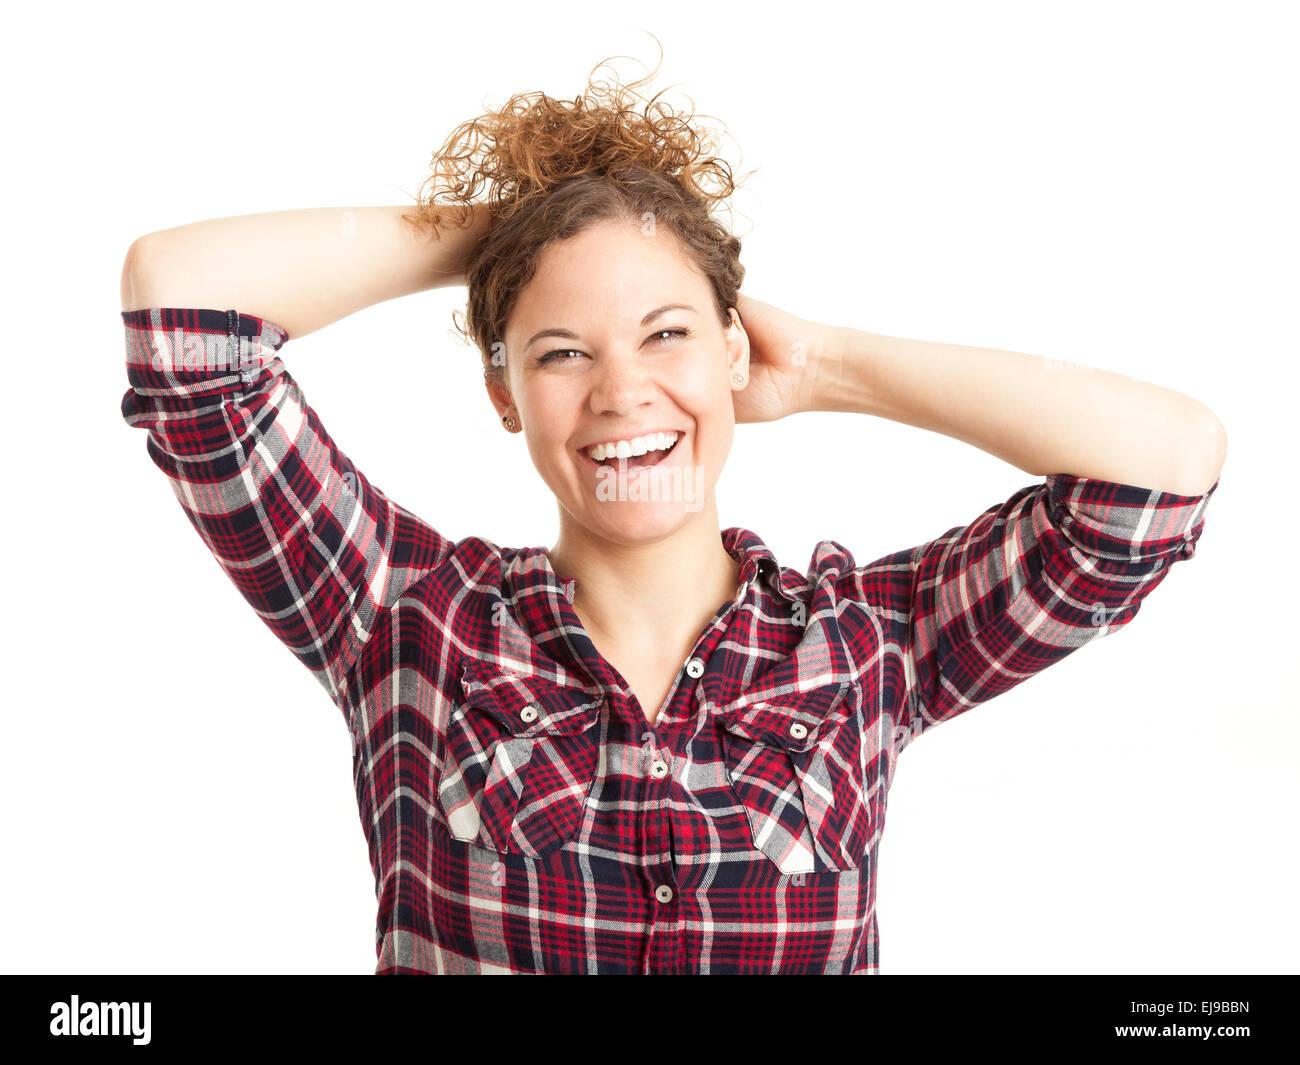 Junge glückliche Frau mit lockigem Haar Stockbild